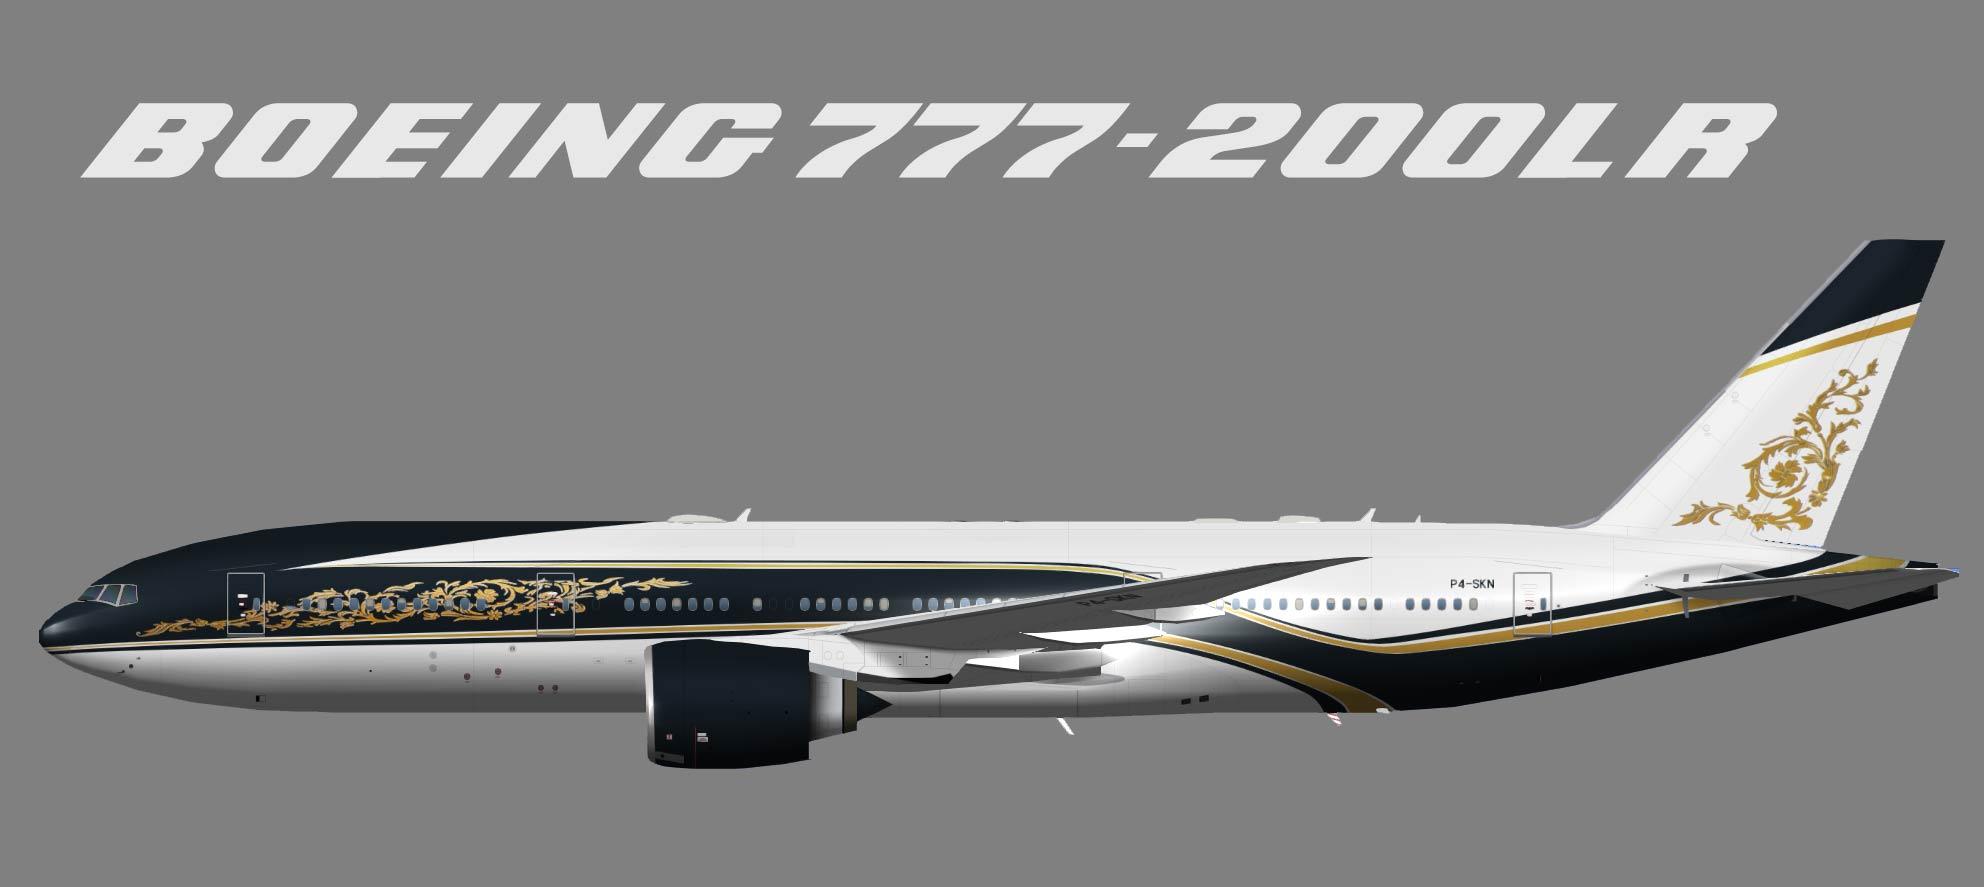 Equatorial Guinea Government Boeing 777-200LR